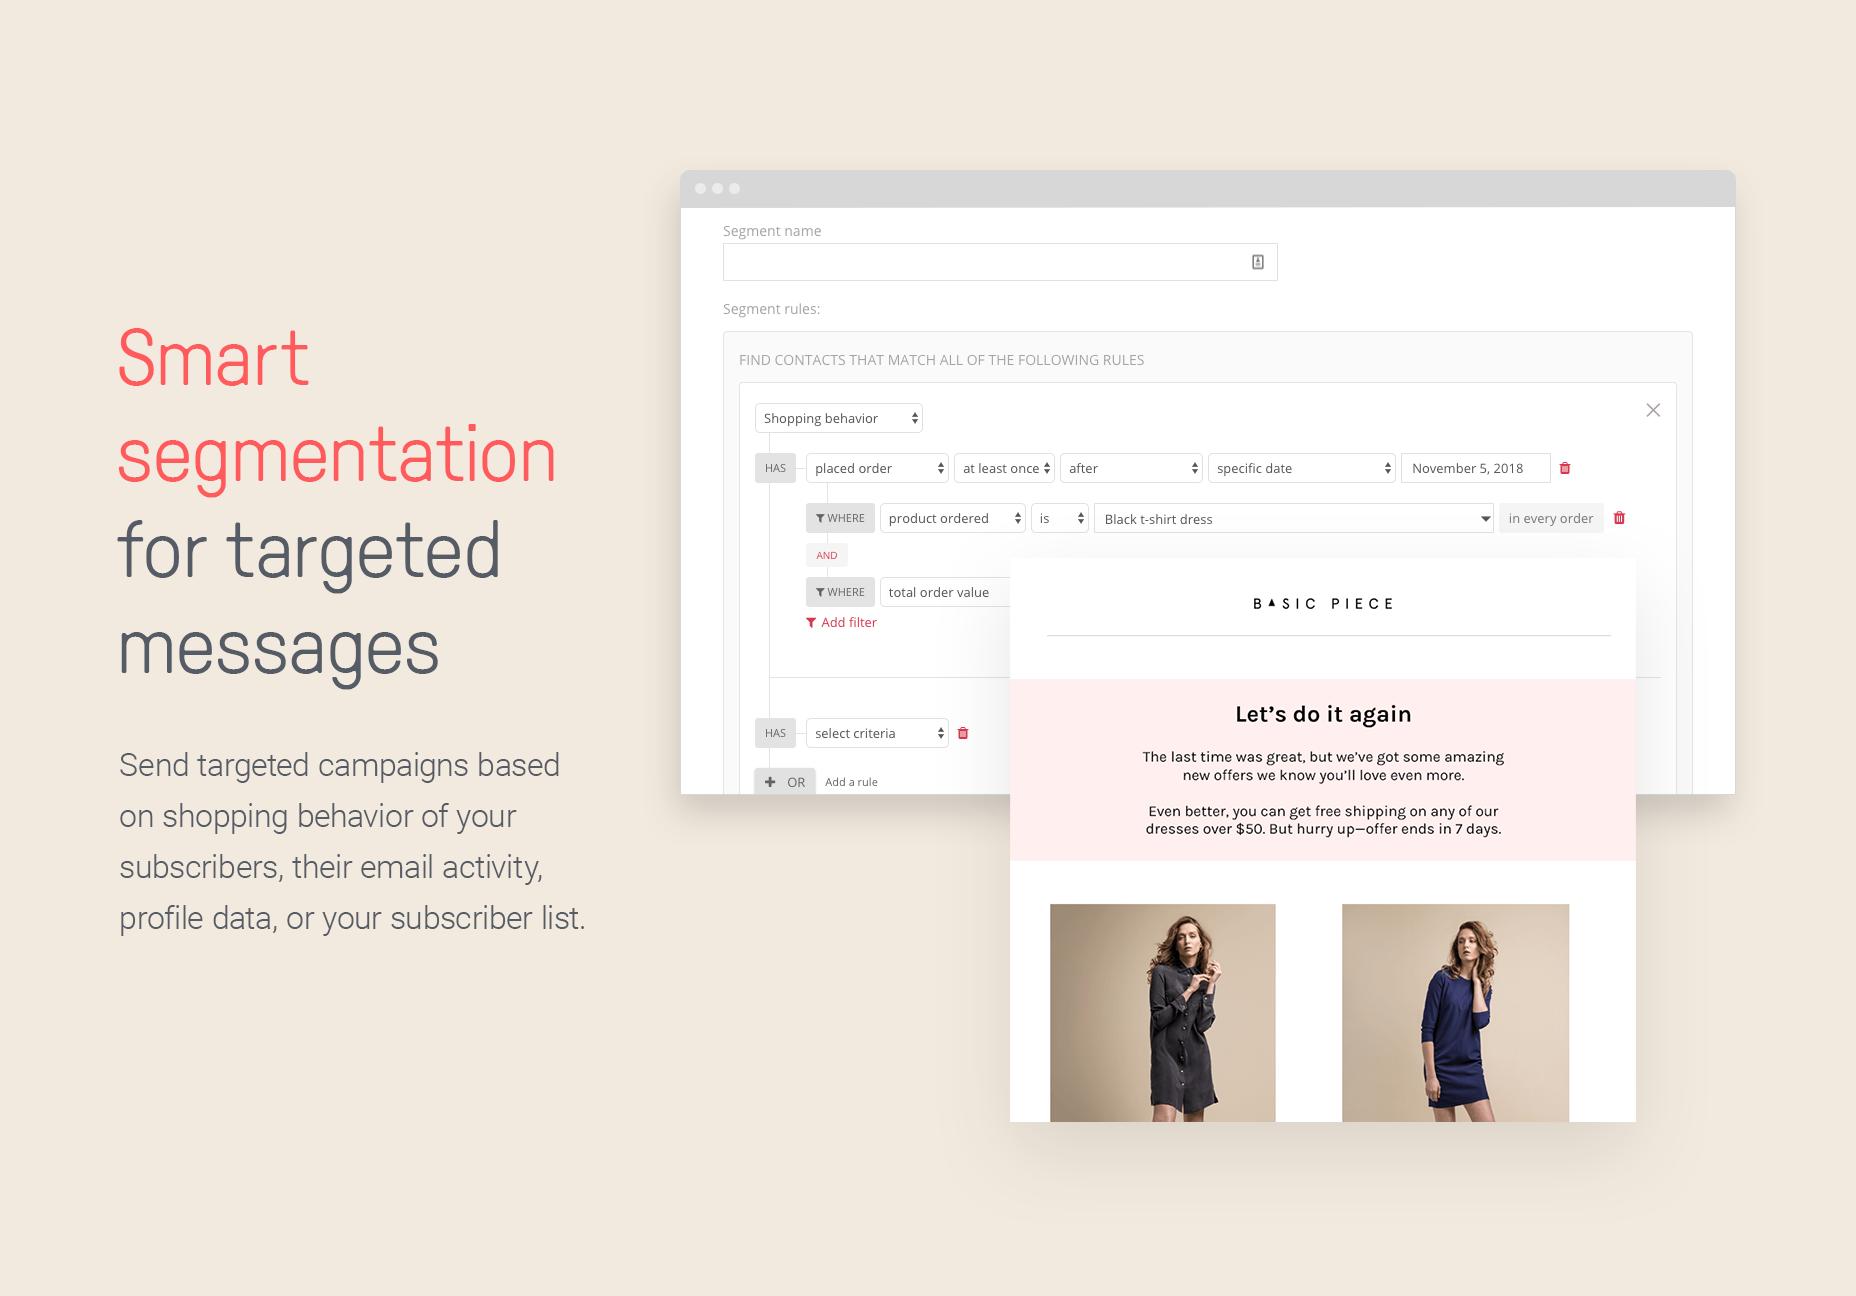 Omnisend Demo - Smart segmentation for targeted messages